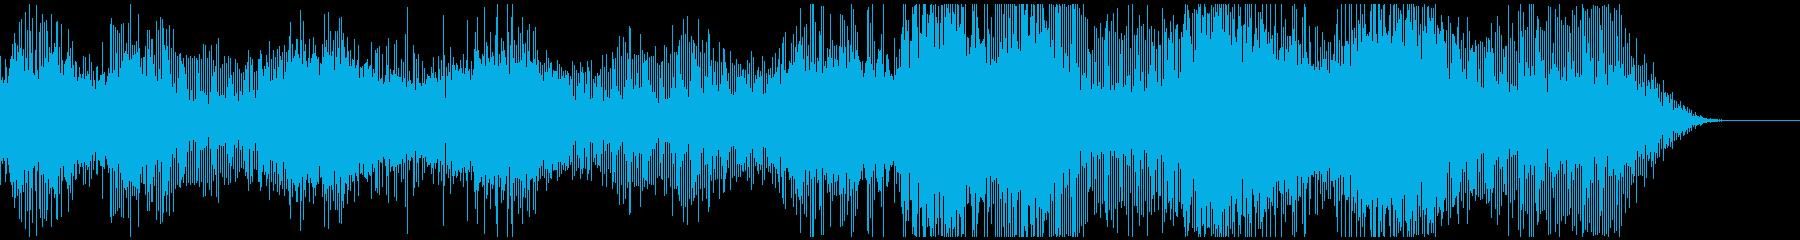 プチプチプチプチ体内にパワーがみなぎる。の再生済みの波形